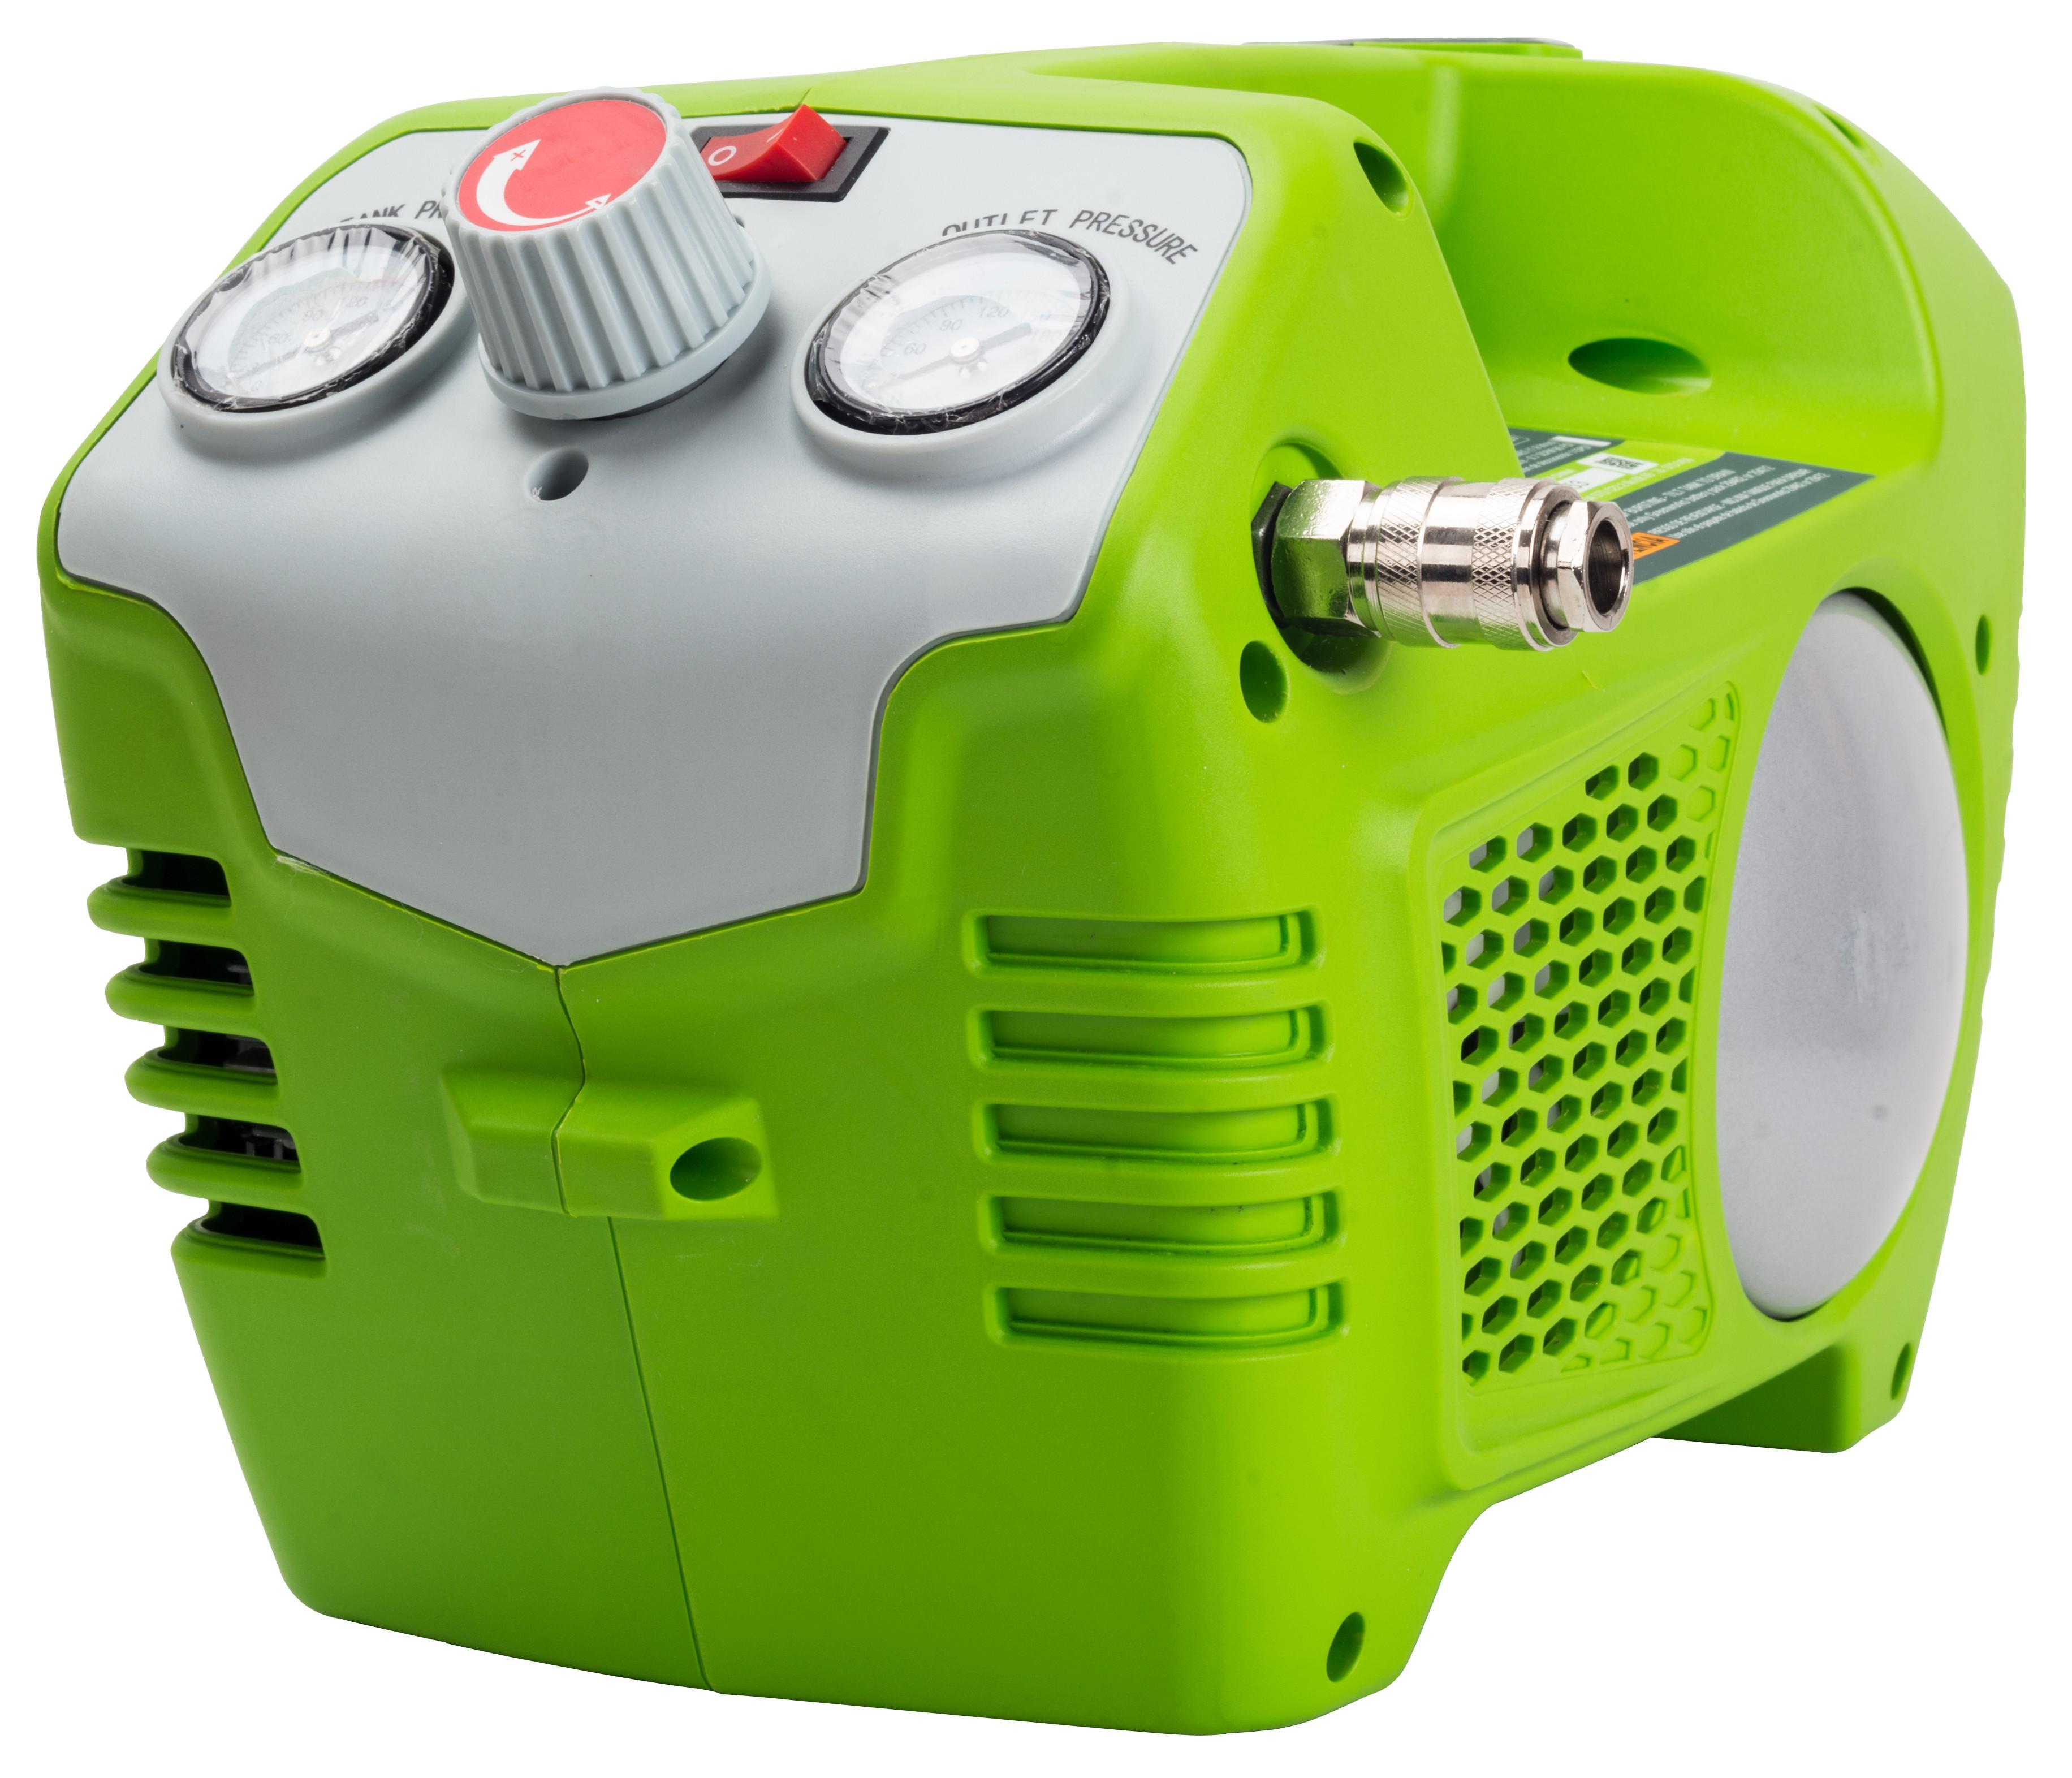 Компрессор Greenworks G40ac (4100802) БЕЗ АККУМ и ЗУ дрель шуруповерт greenworks gd24bd 3701607 без аккум и зу